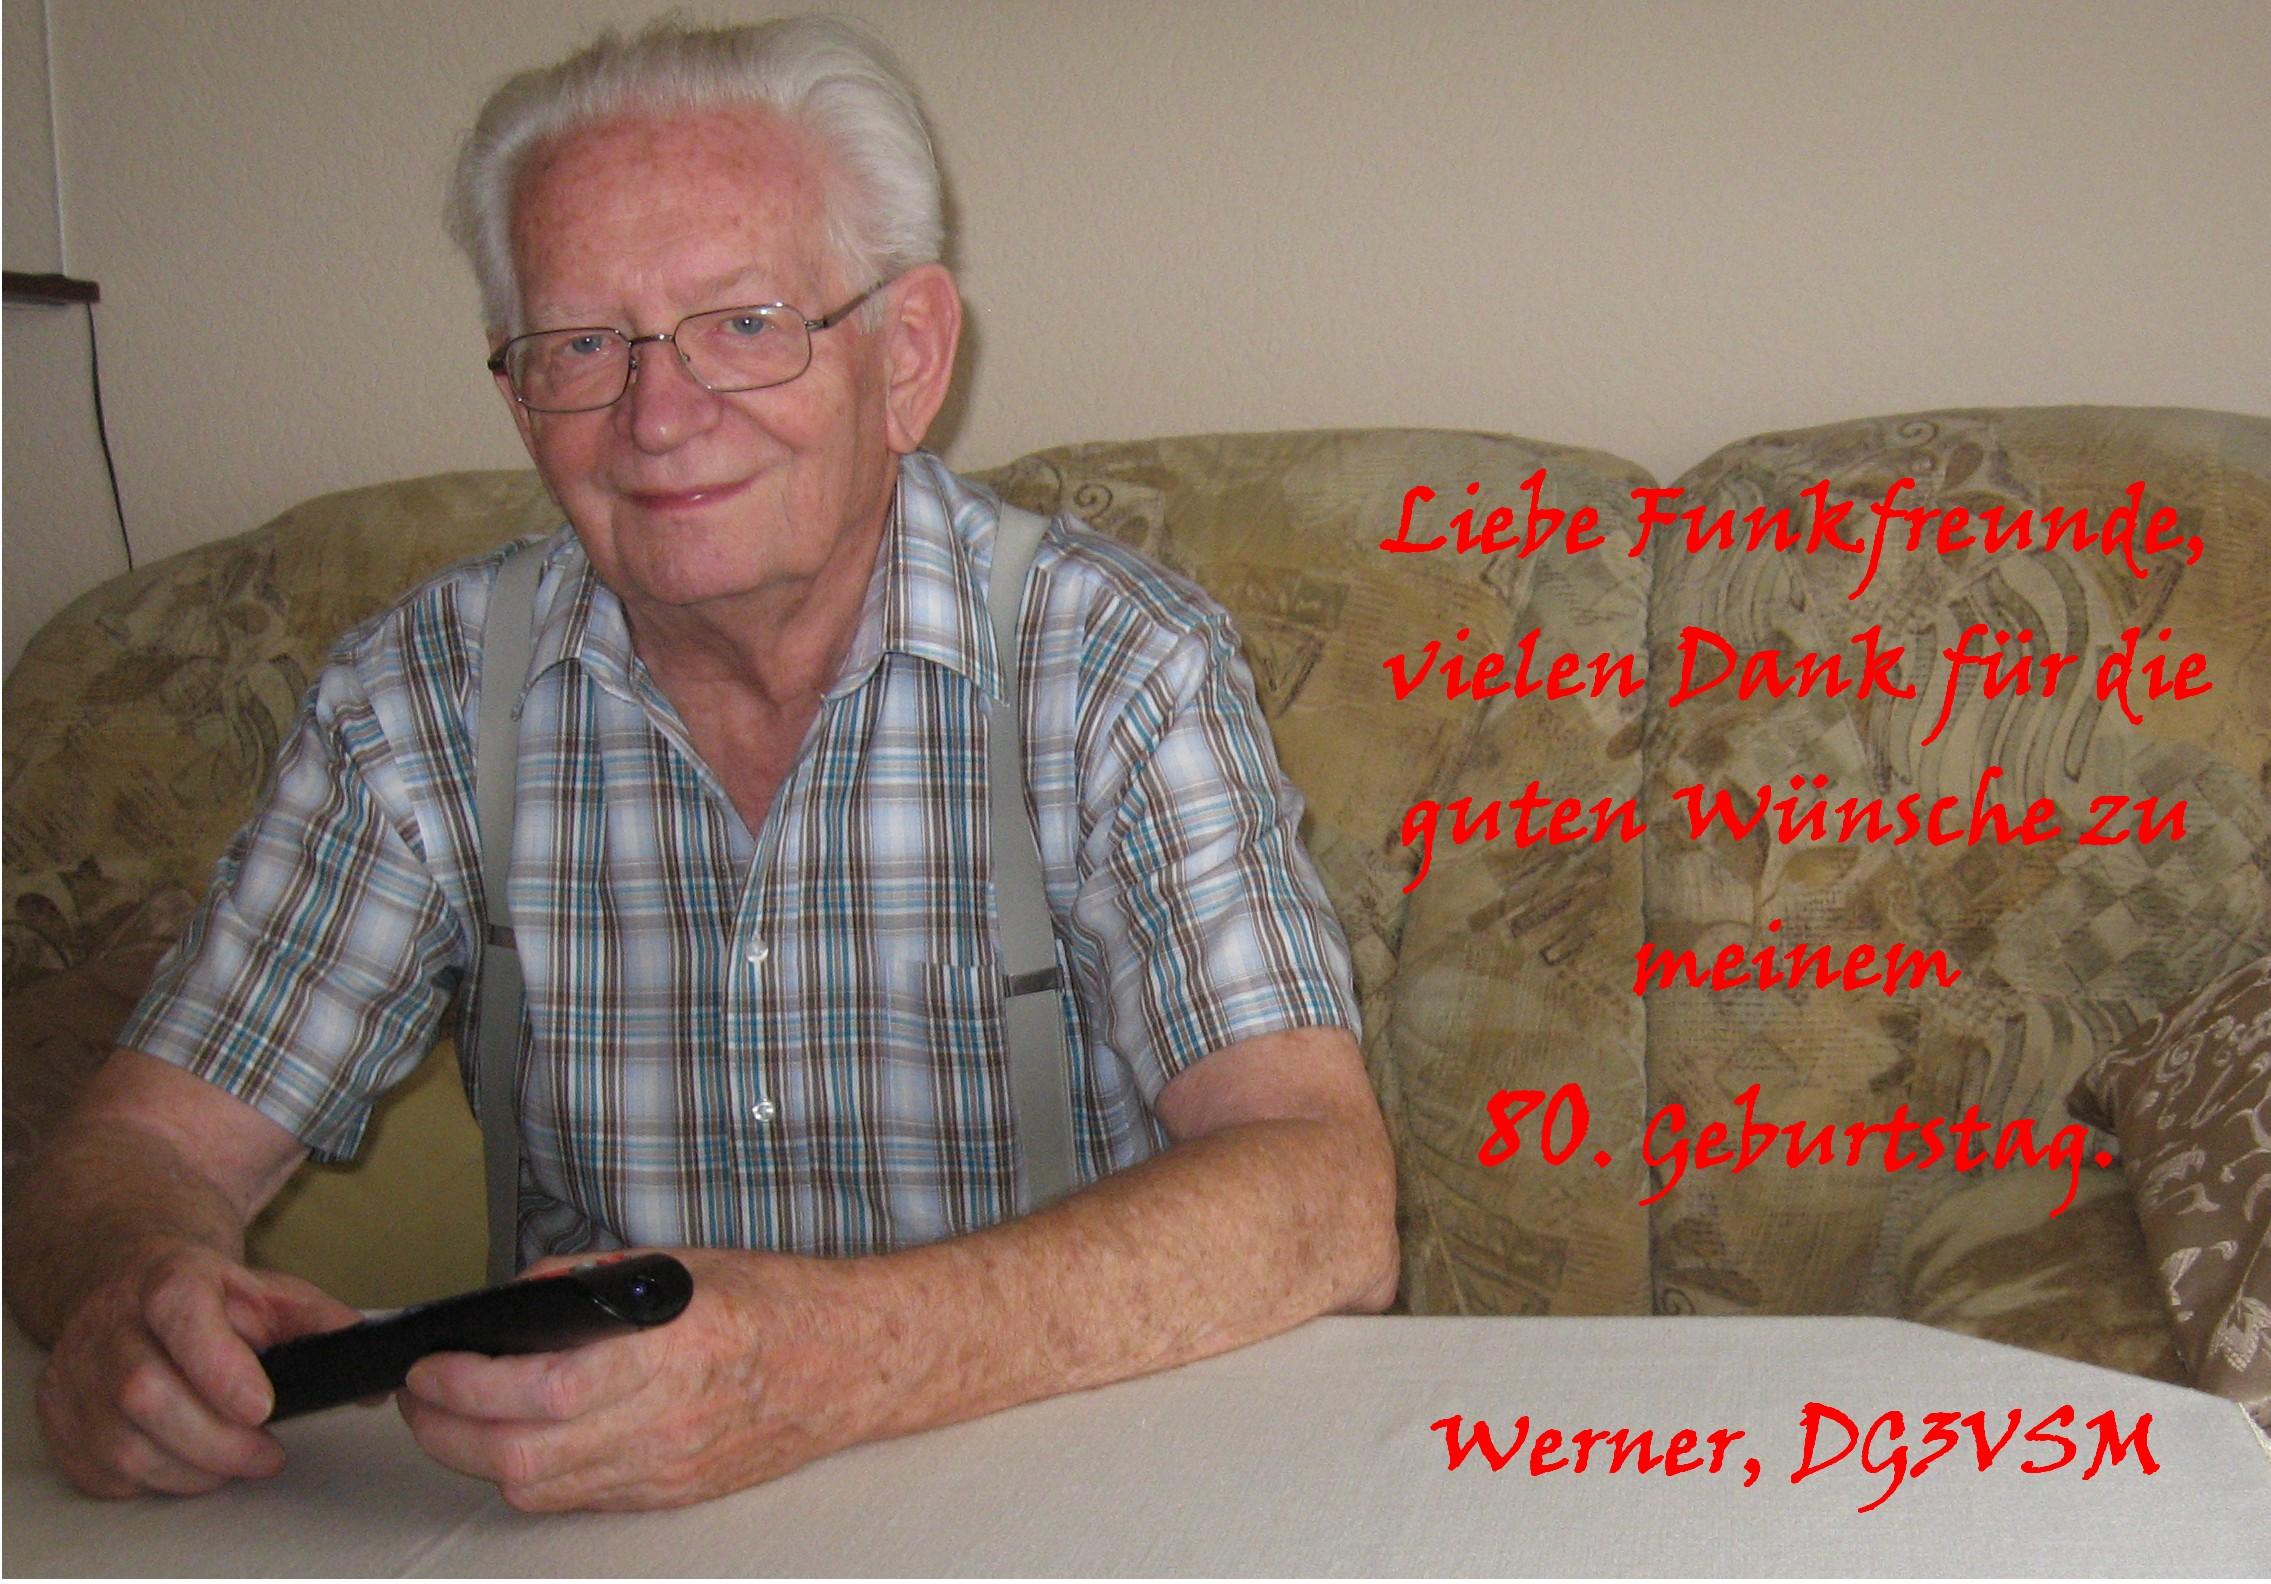 Werner DG3VSM 8o.